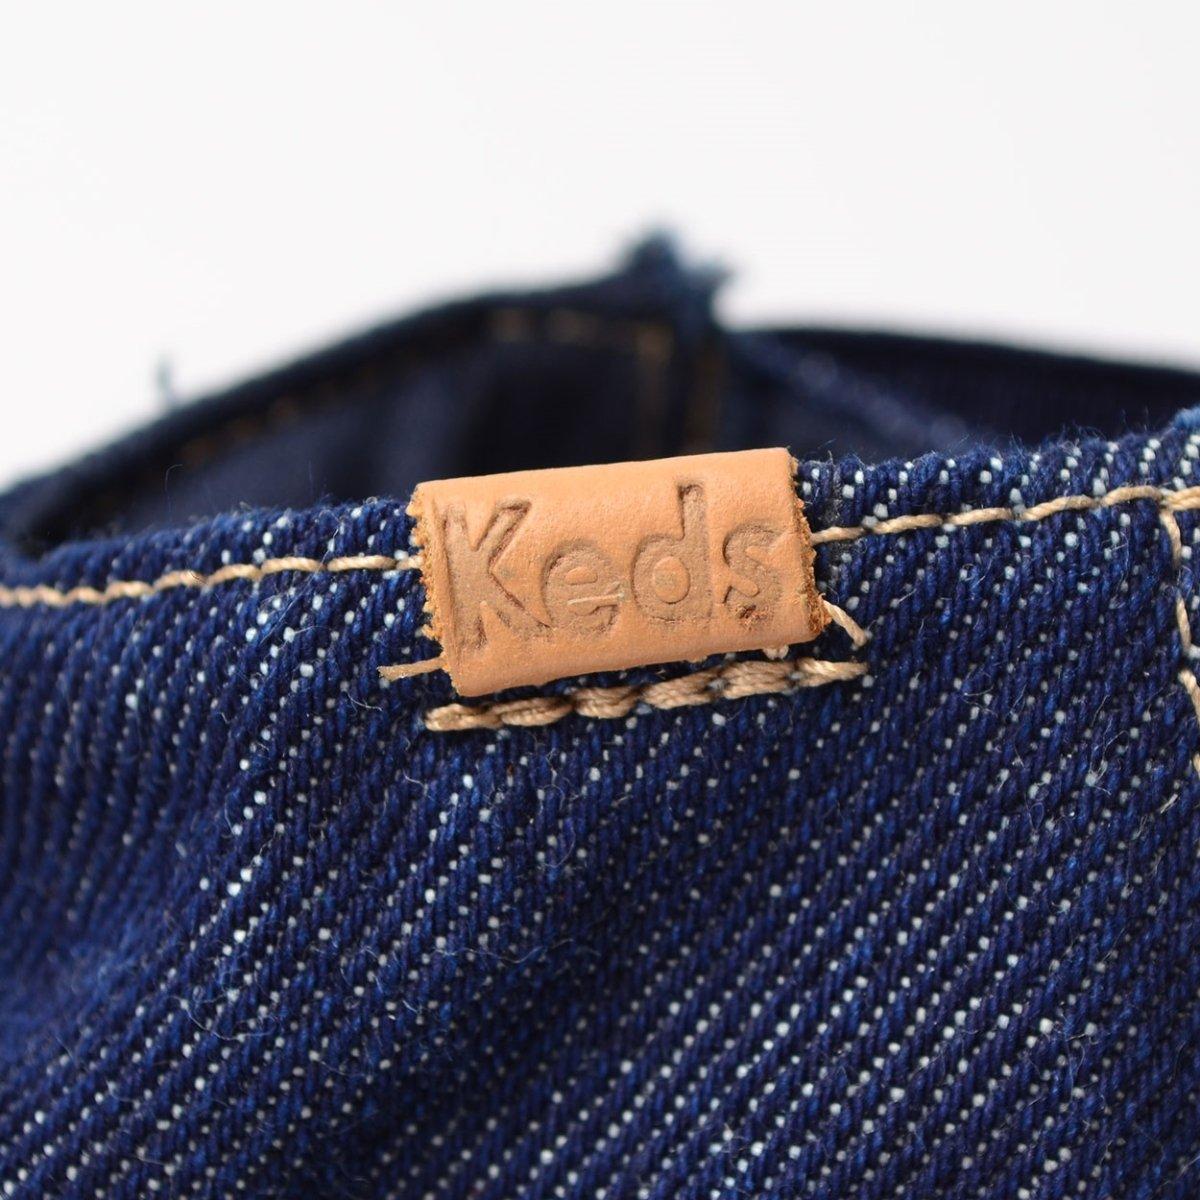 Tênis Boot Topkick Tênis Jeans Boot Topkick Tênis Keds Keds Keds Marinho Jeans Marinho Topkick xA85g56w